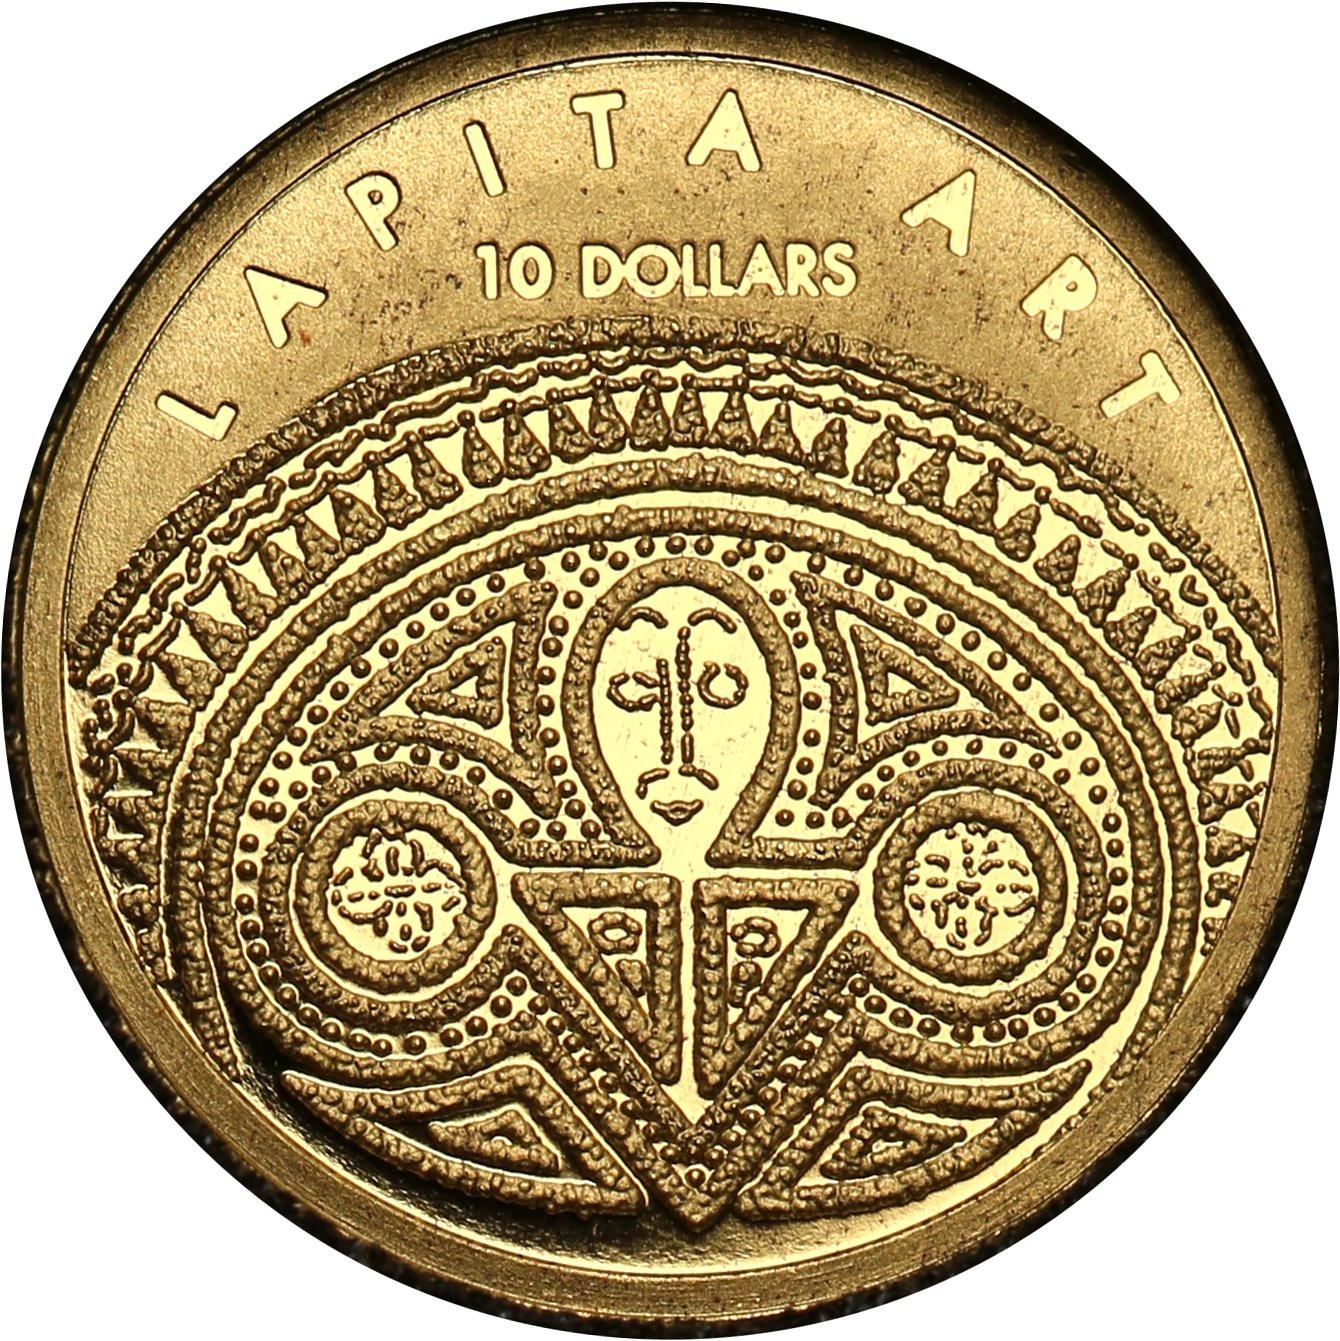 Fidżi 10 dolarów 2008 Kultura Lapita